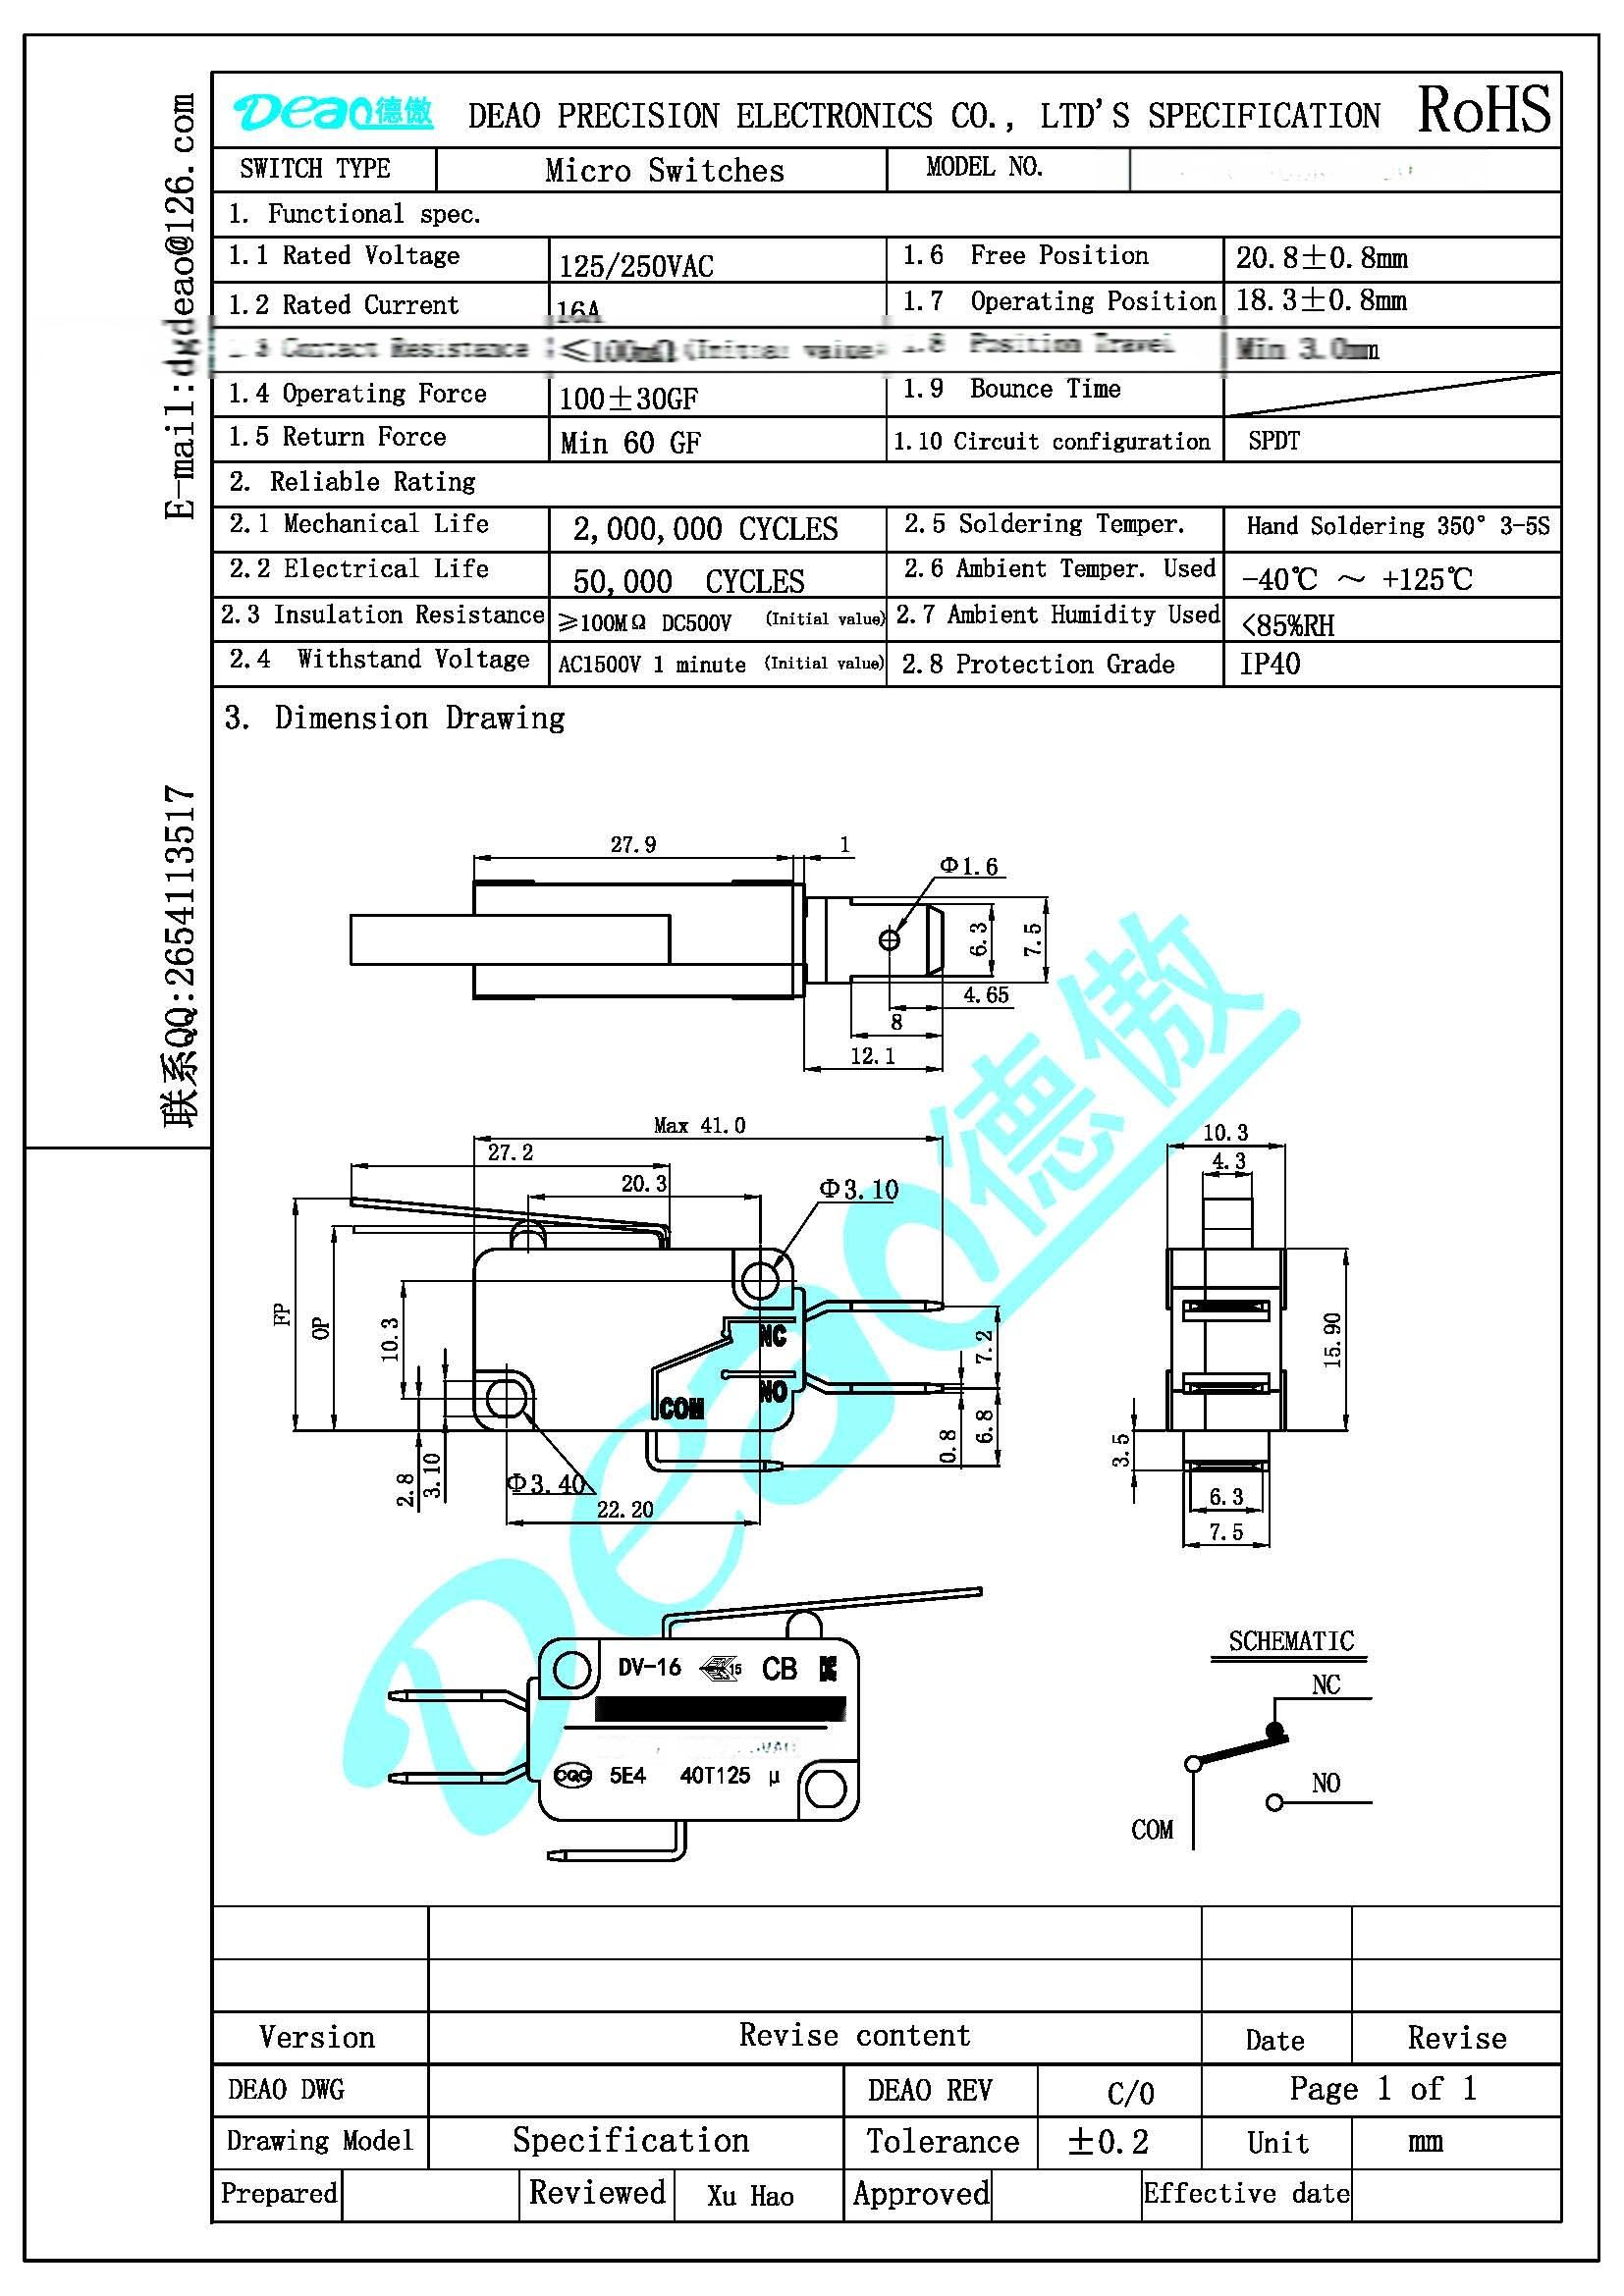 DV-16-A02K1-100F Model (1)